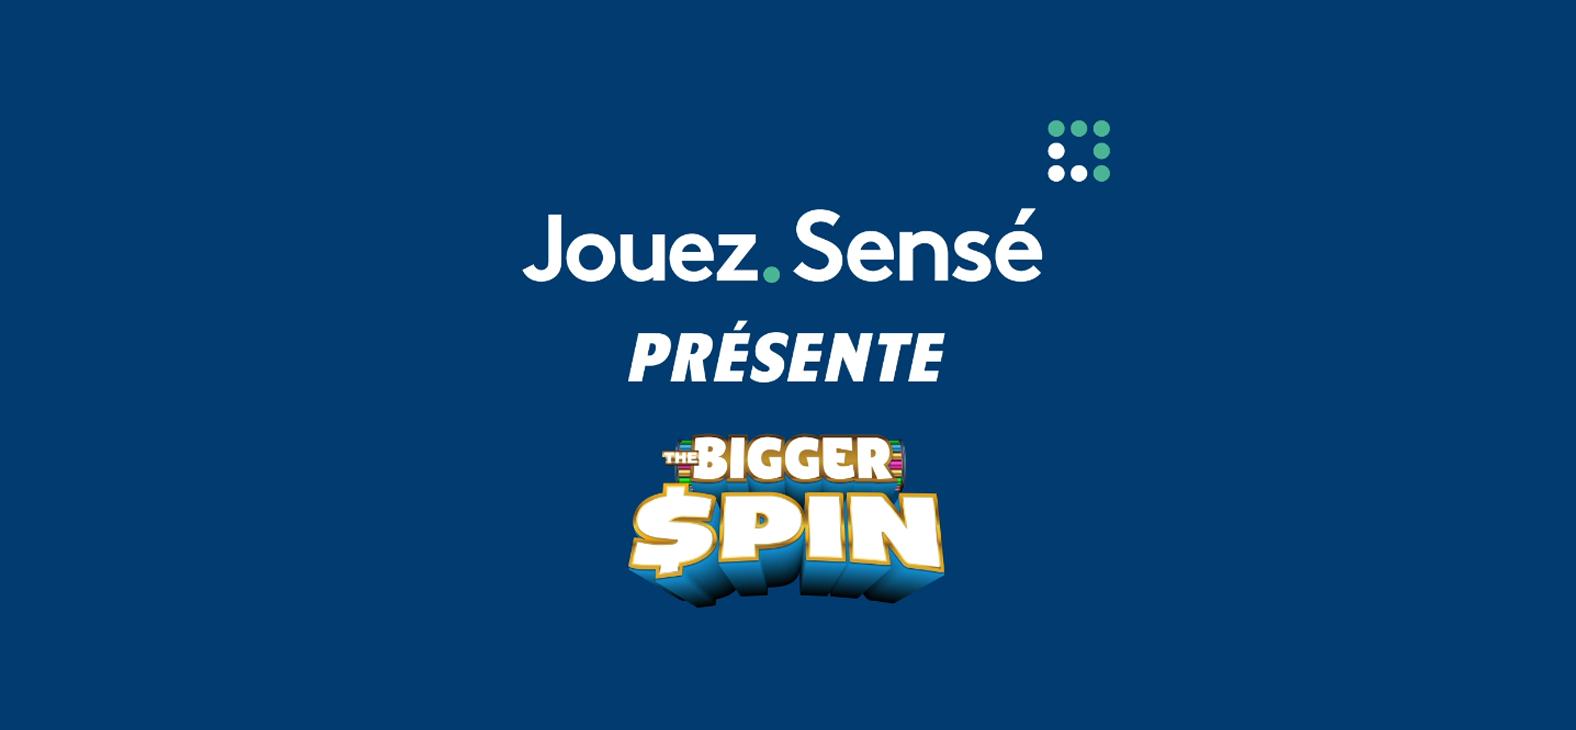 JouezSensé présente THE BIGGER $PIN